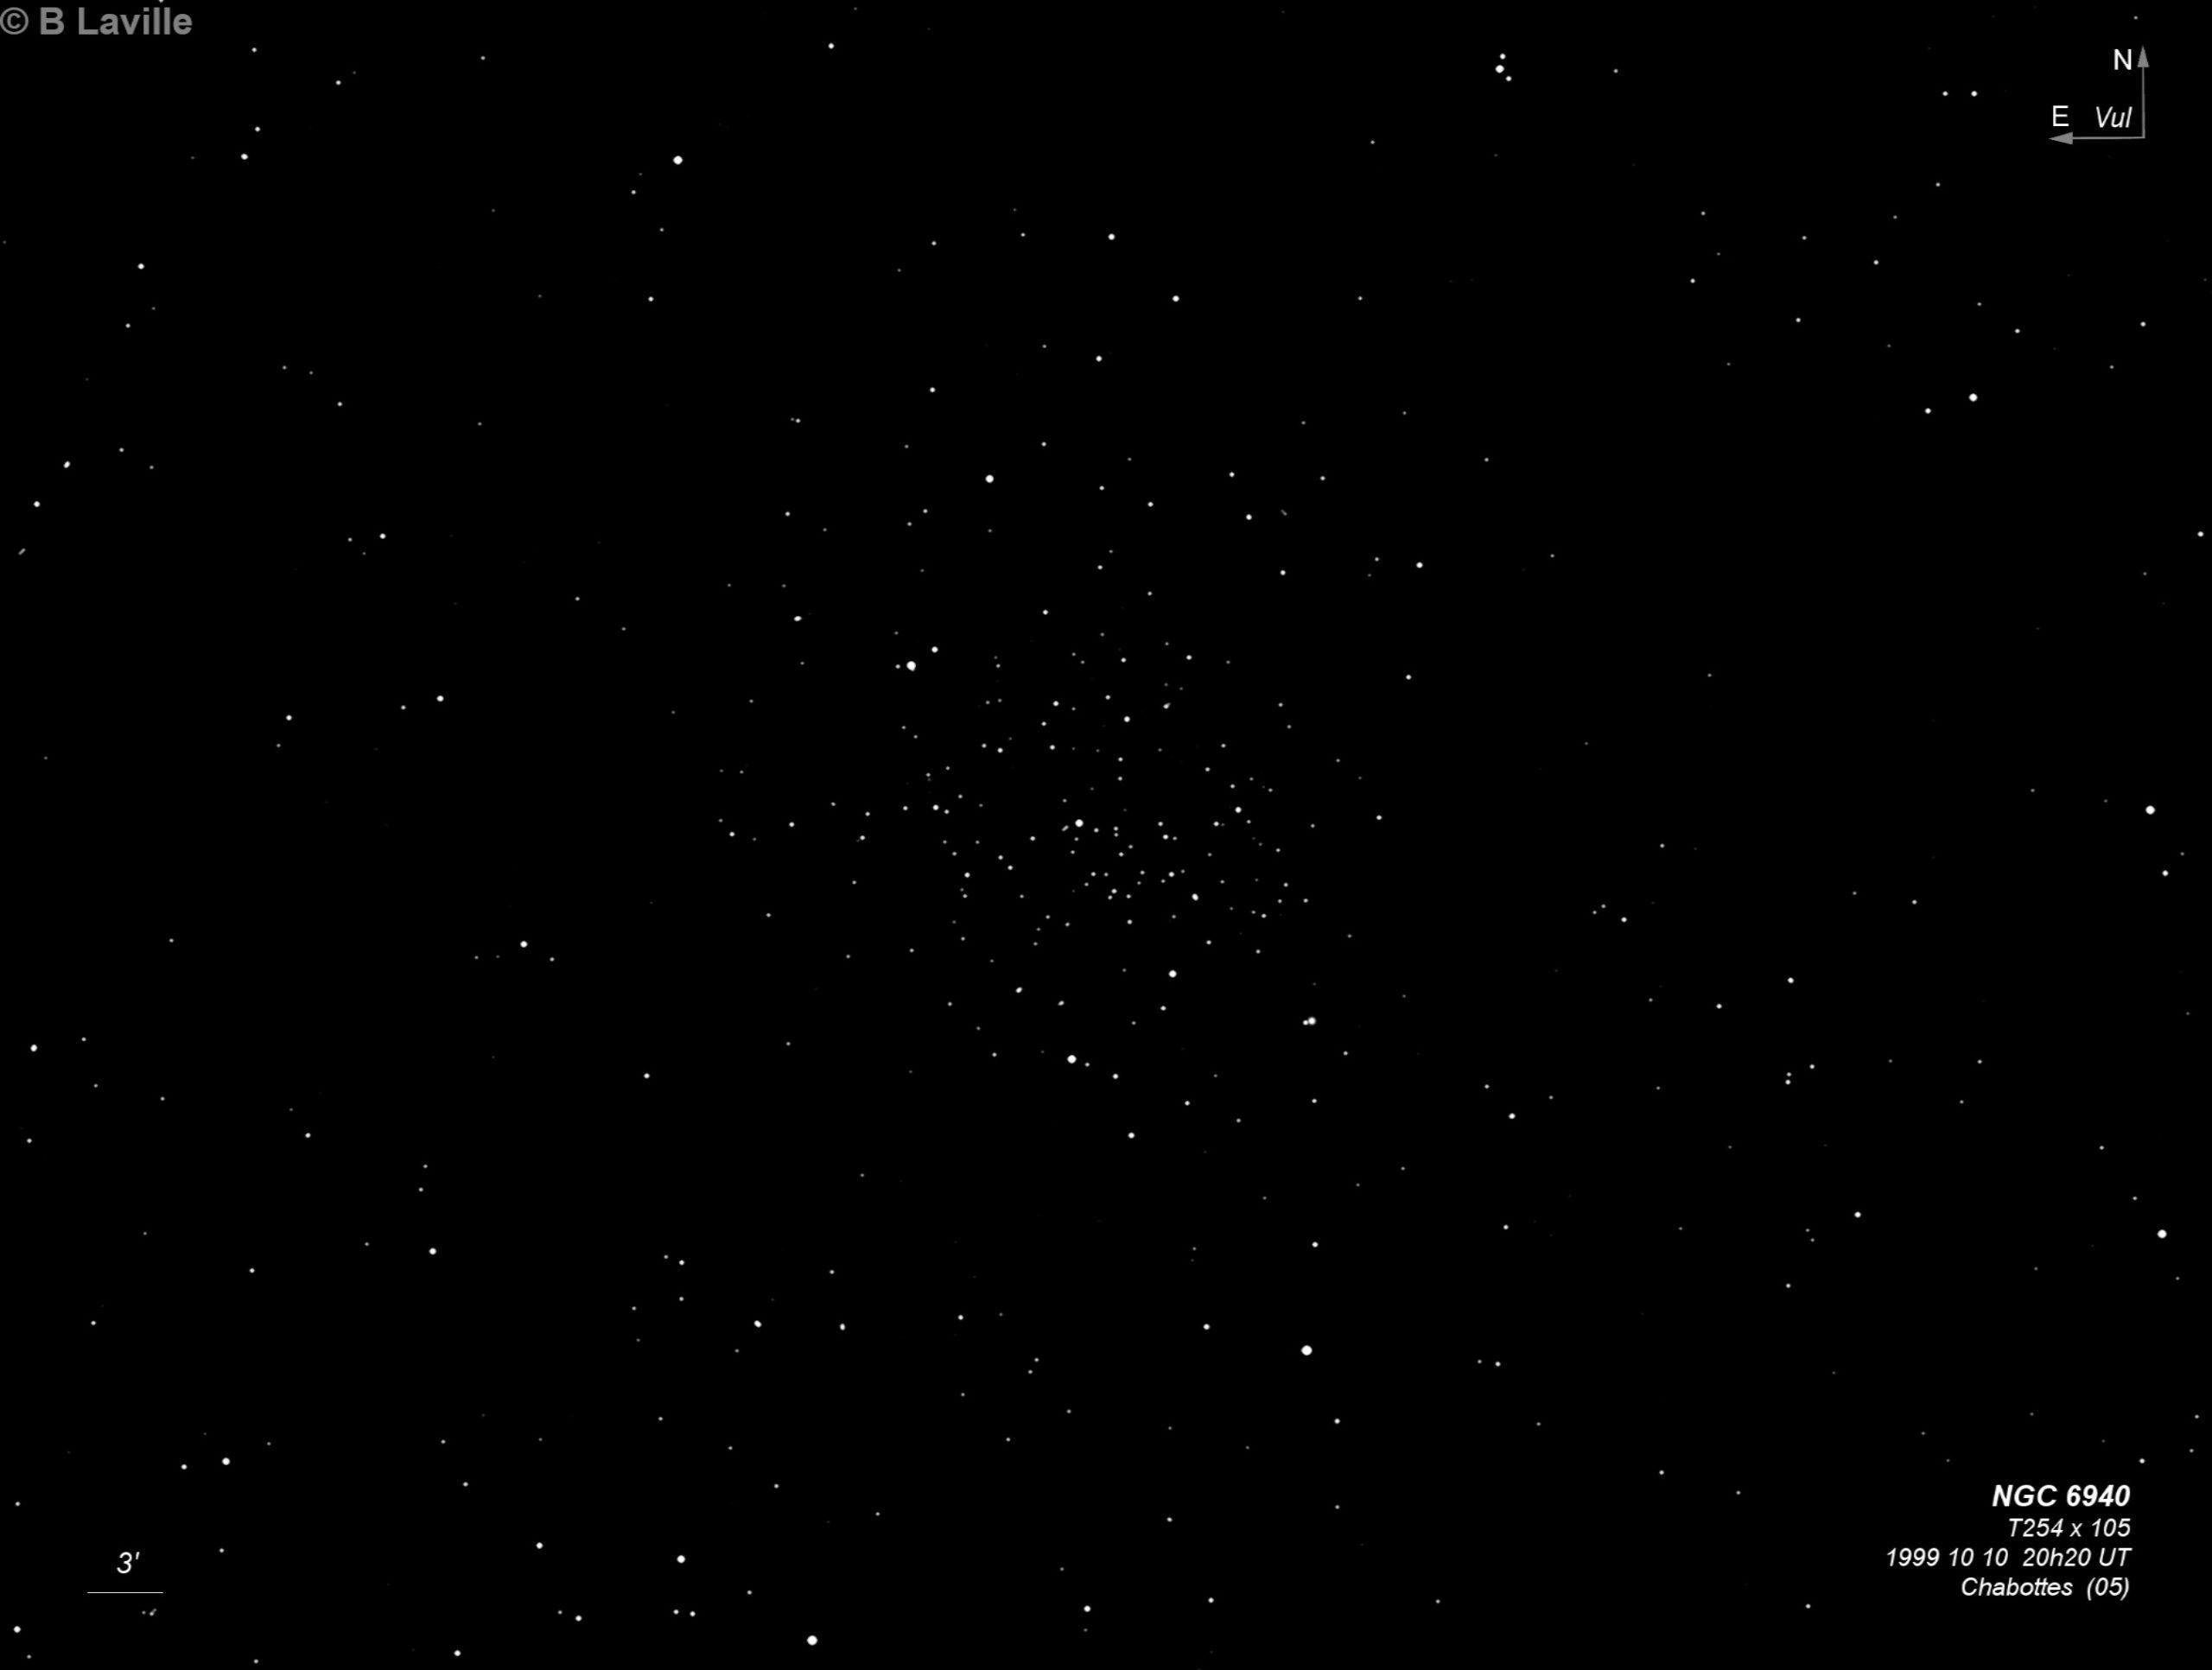 NGC 6940